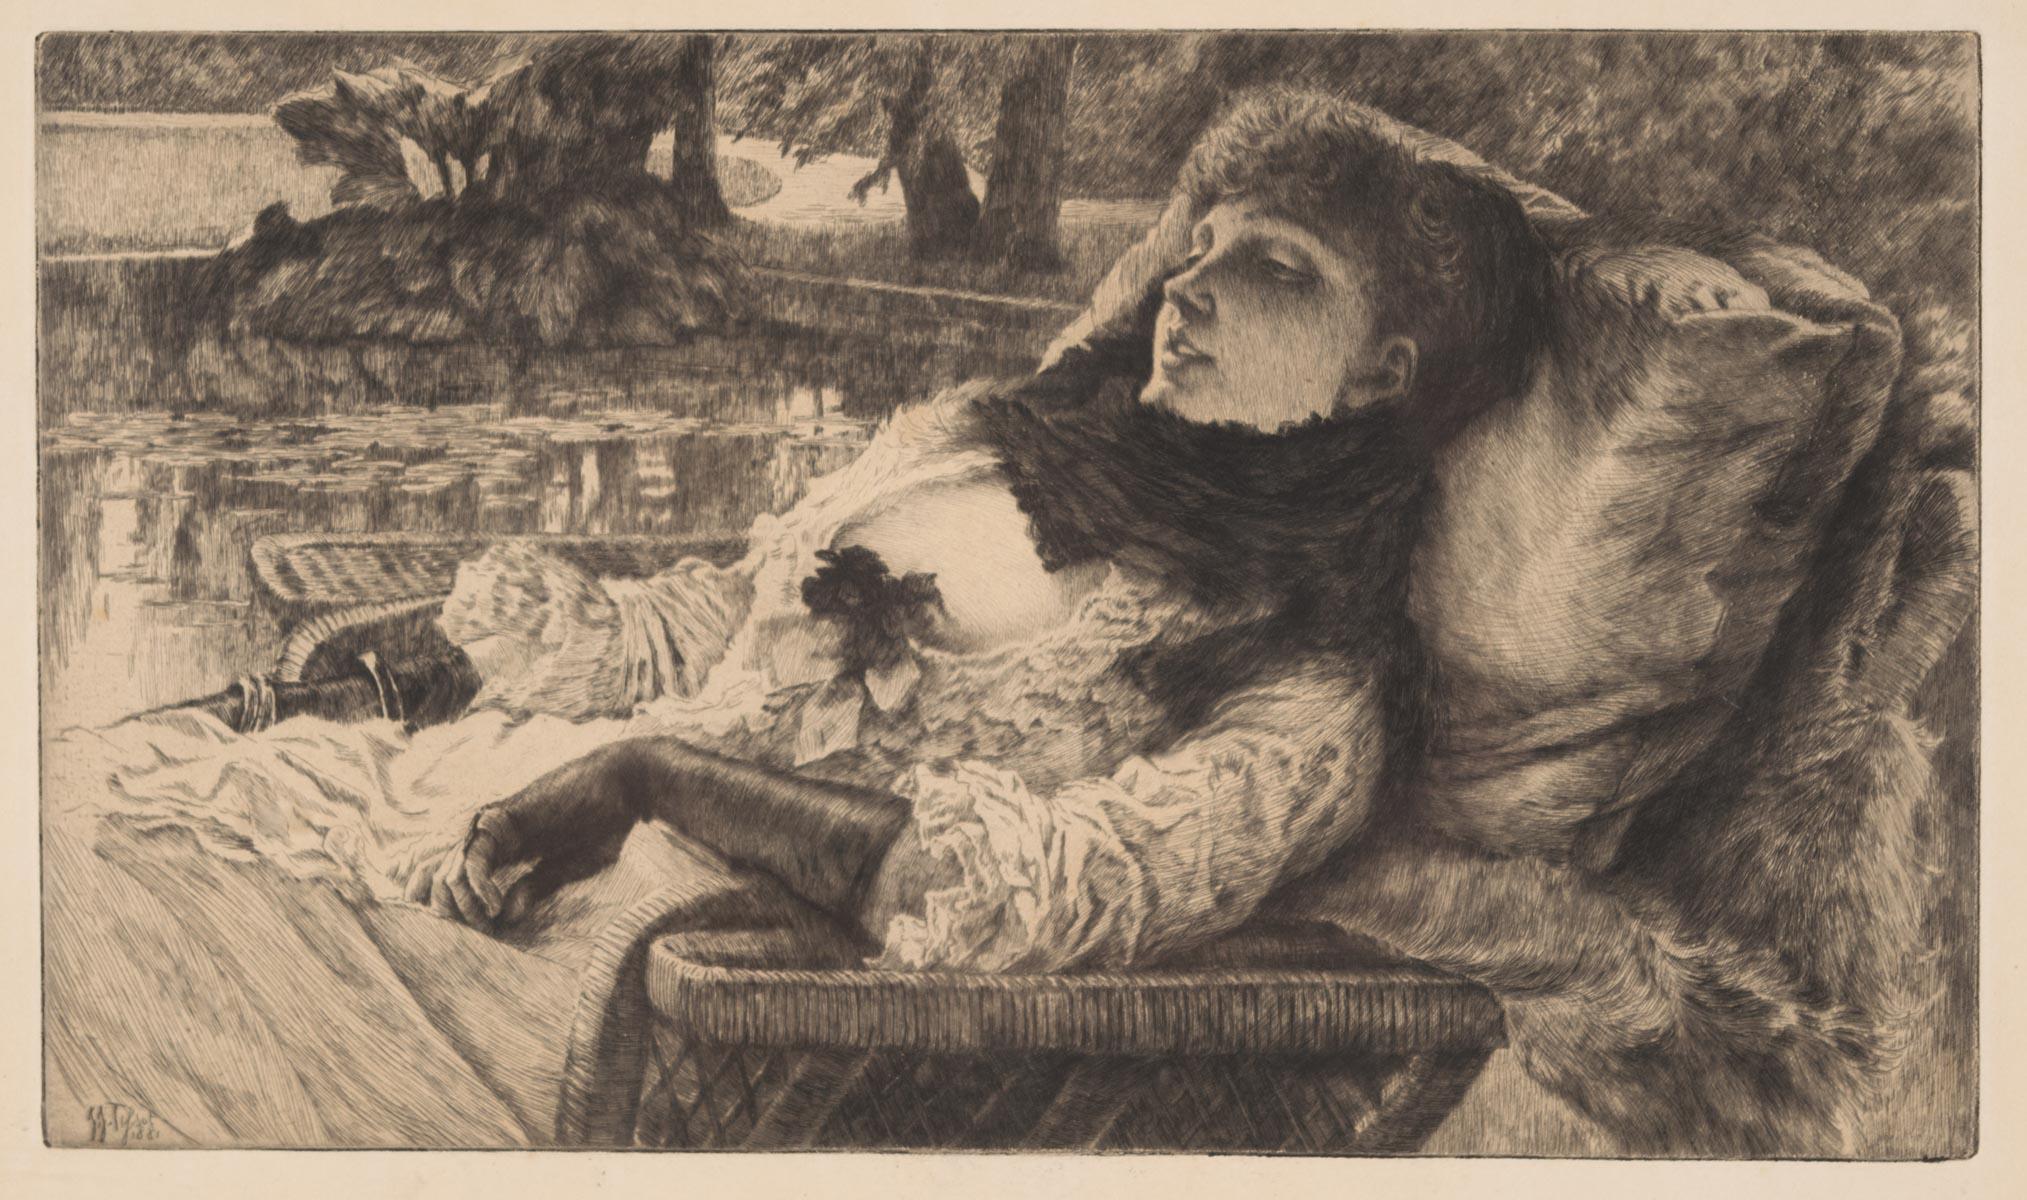 JAMES TISSOT (France/England, 1836-1902) etching,